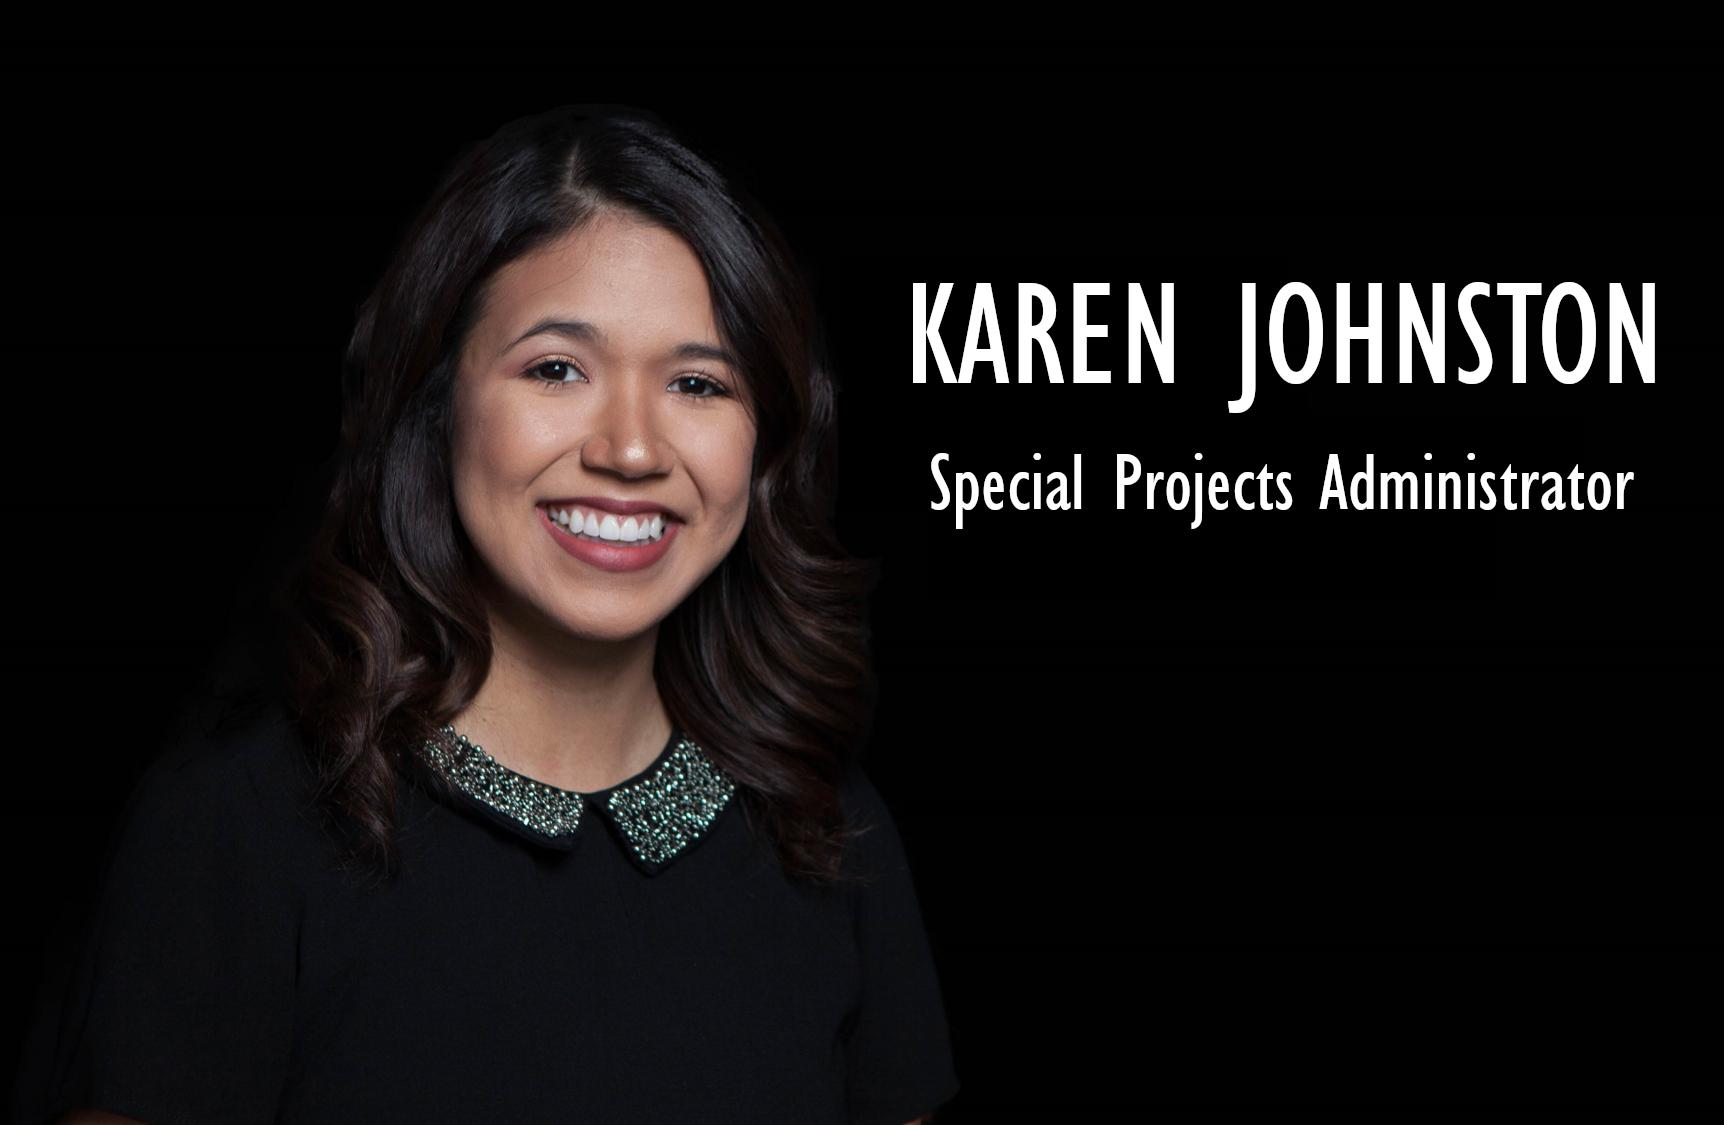 Karen Johnston